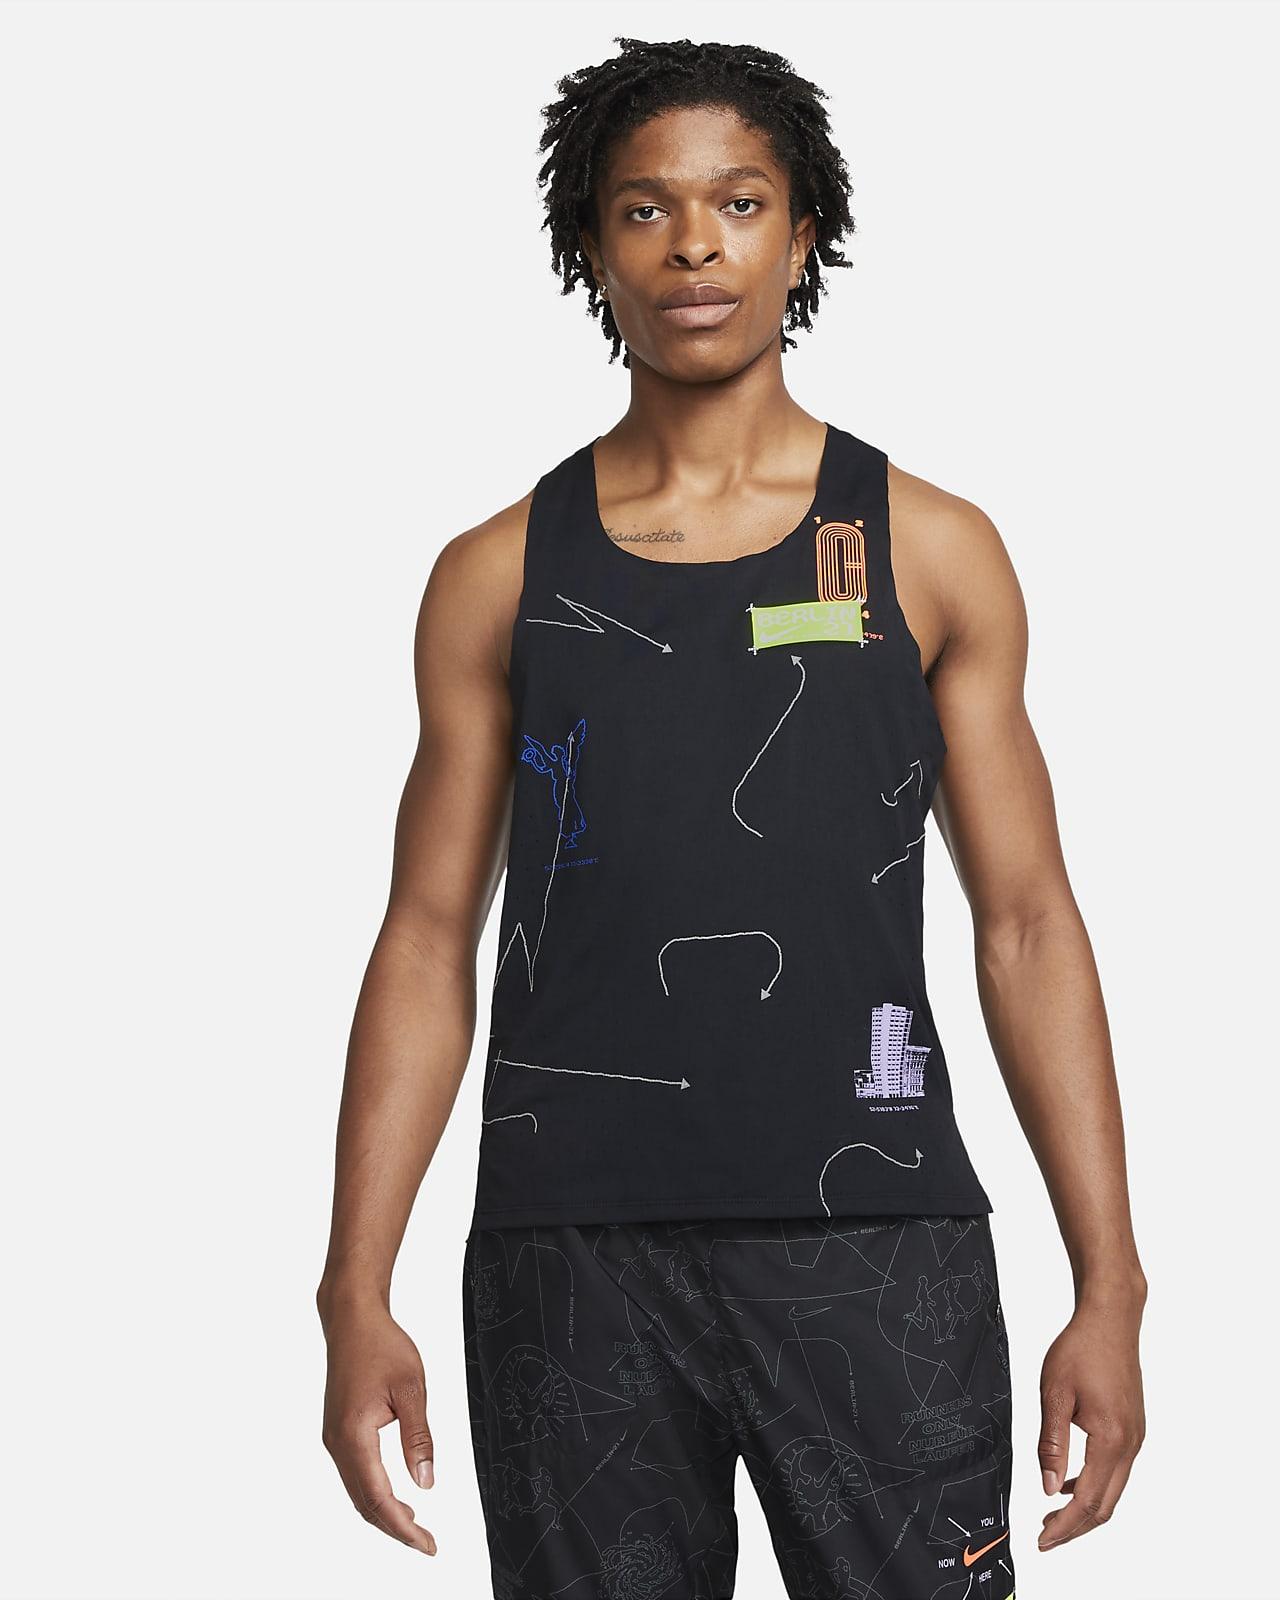 Ανδρική φανέλα για τρέξιμο Nike Dri-FIT ADV Berlin